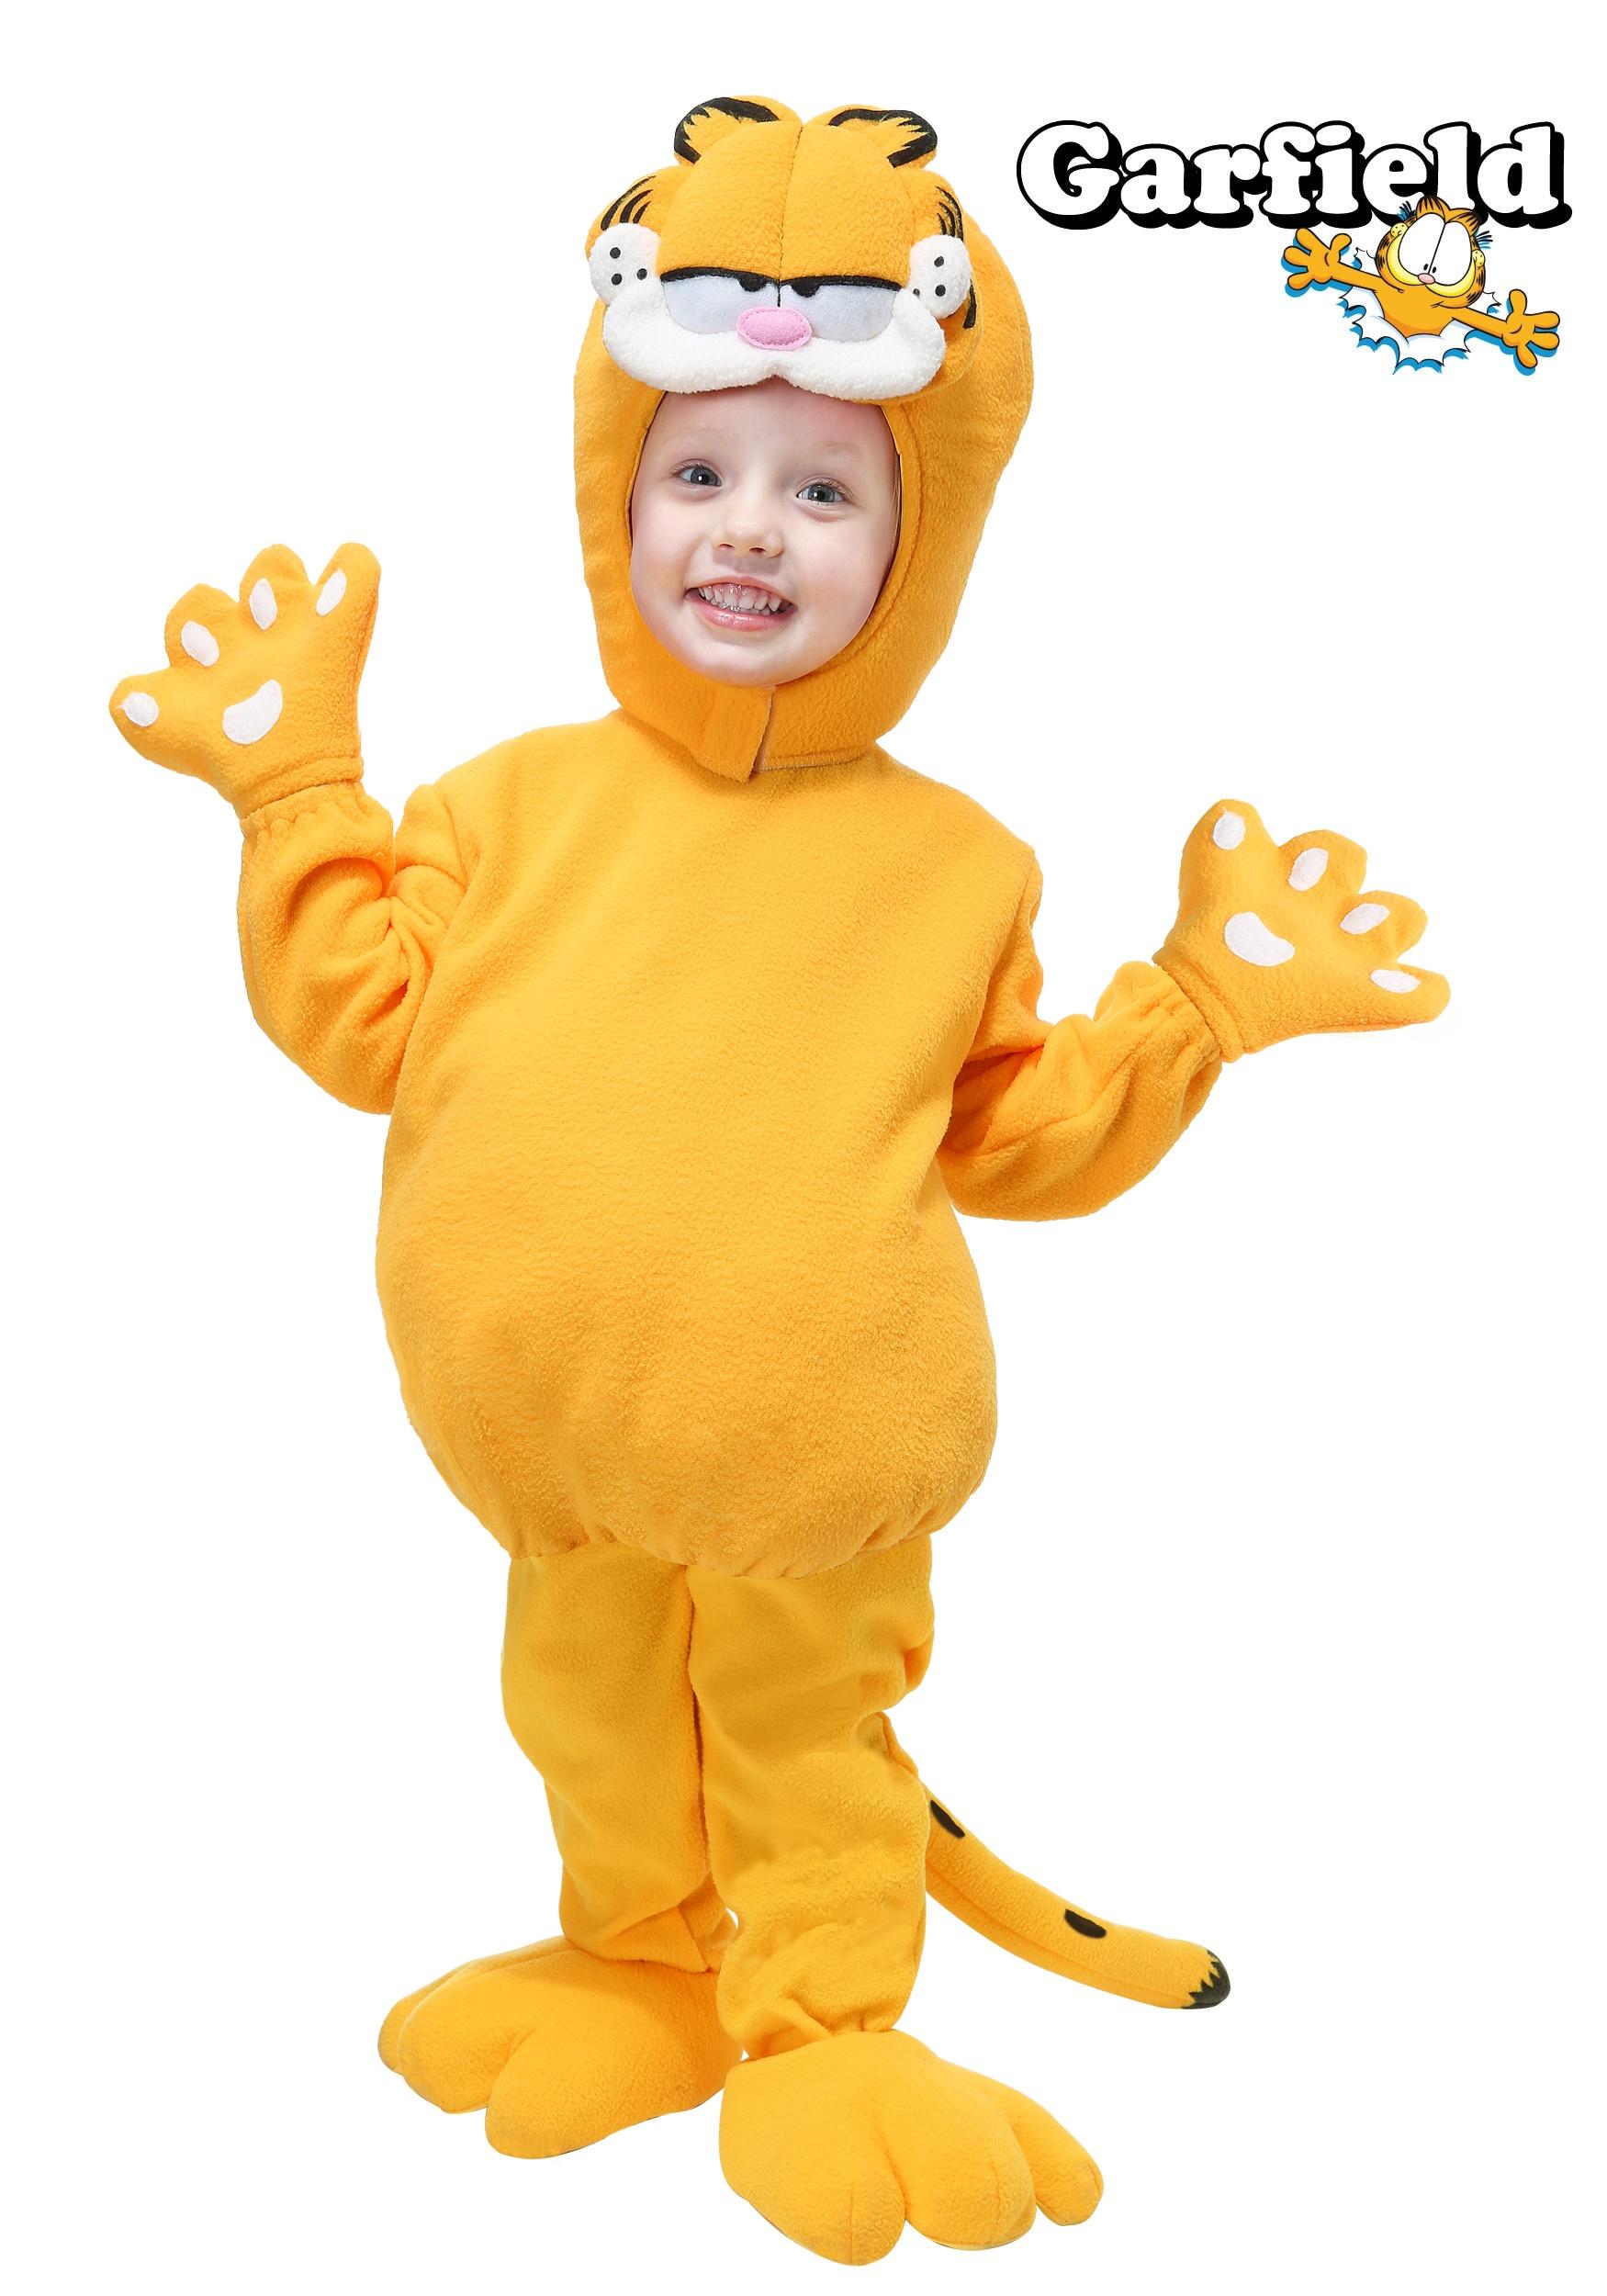 Garfield Costumes